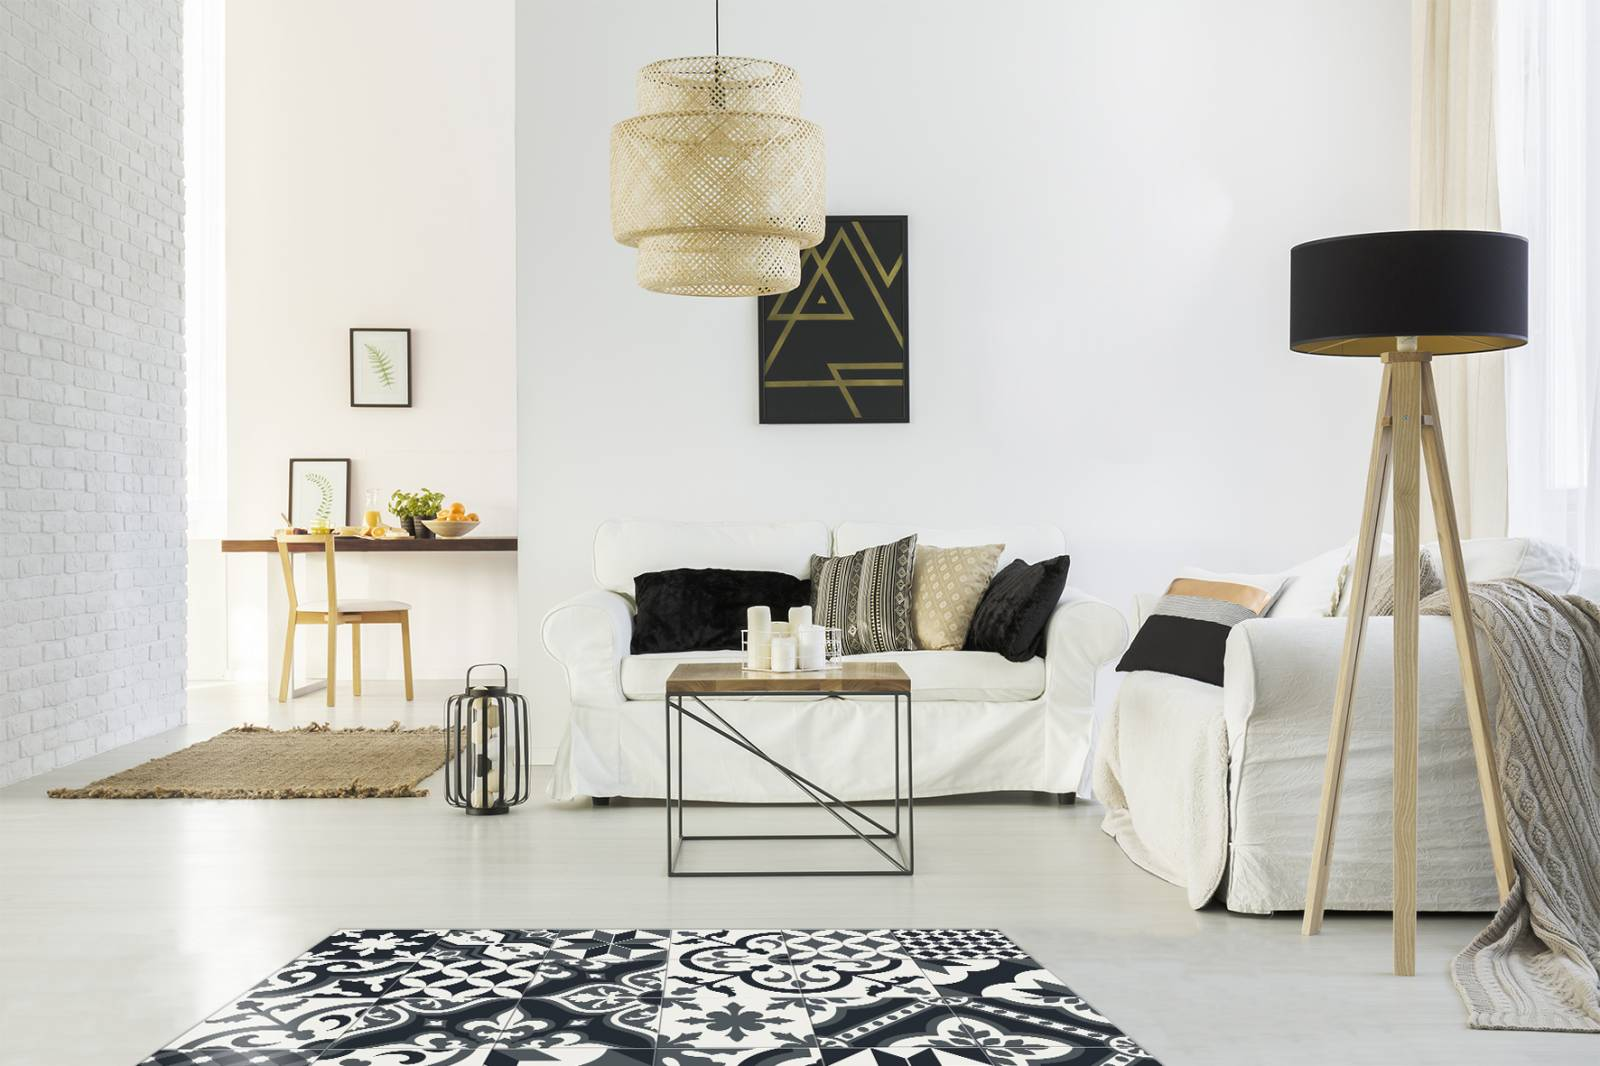 Achat mobilier design d 39 int rieur lyon marques designers guild ethnicraft espace ferano for Achat mobilier design